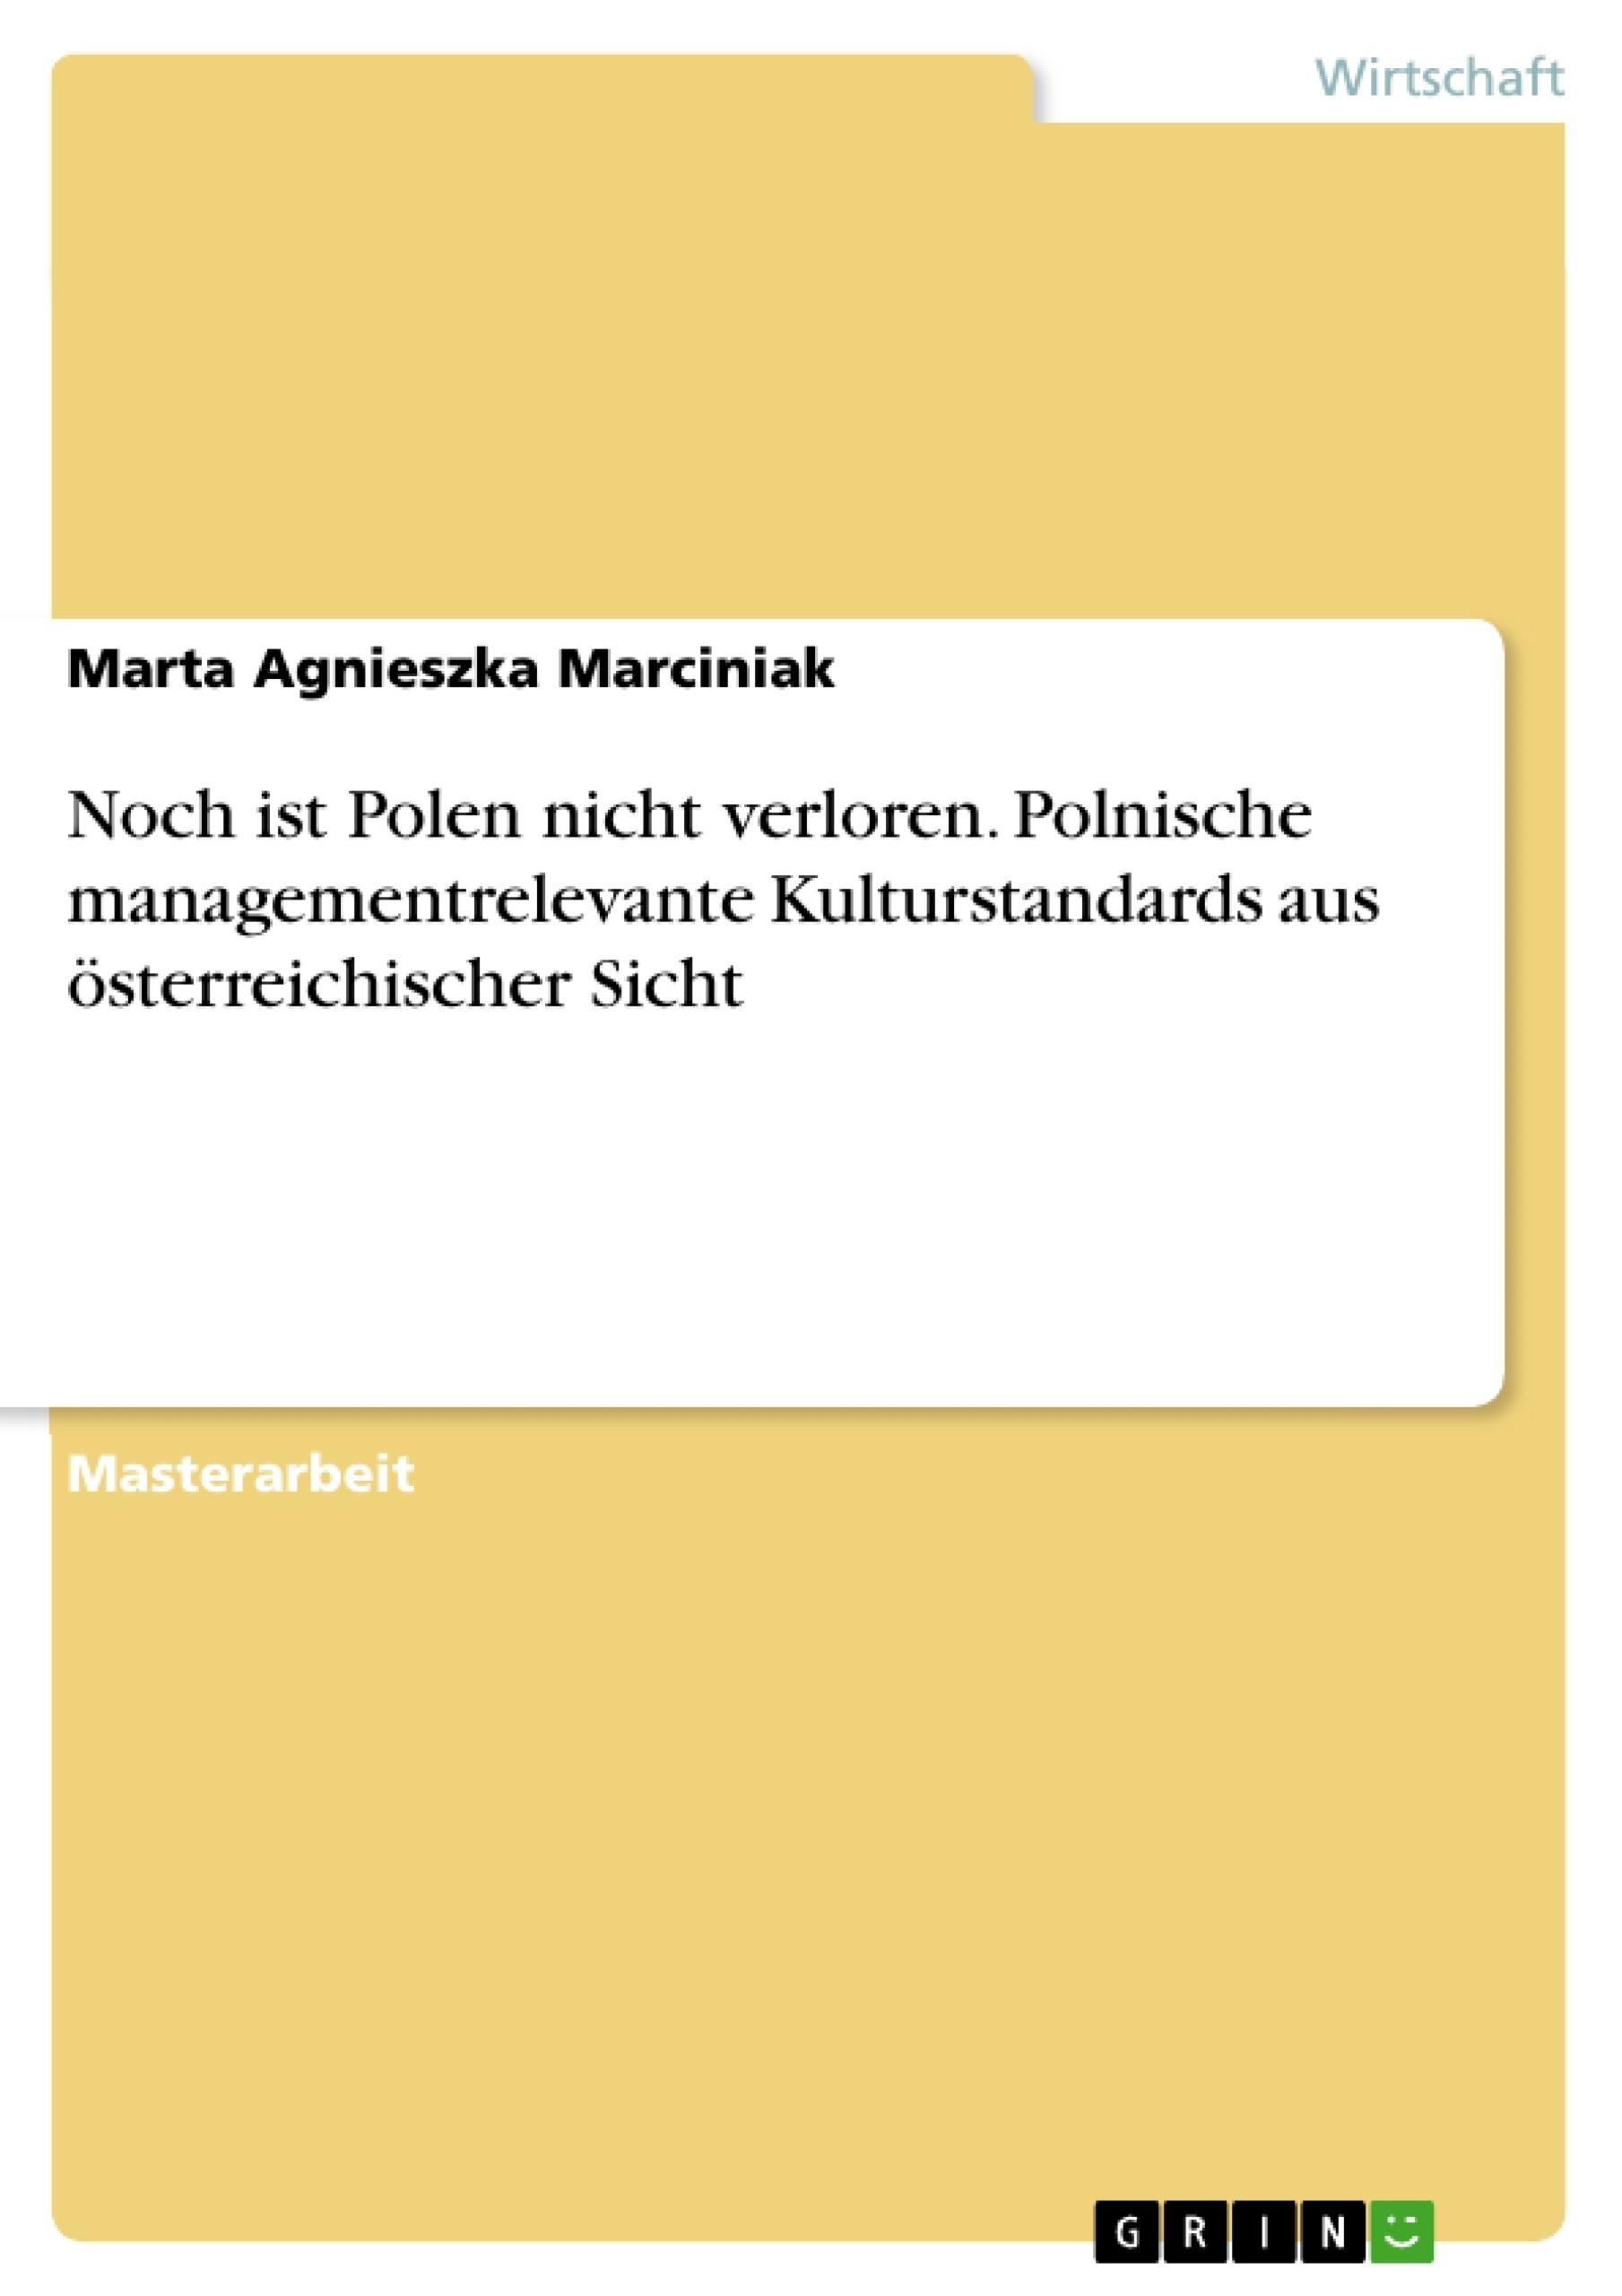 Titel: Noch ist Polen nicht verloren. Polnische managementrelevante Kulturstandards aus österreichischer Sicht